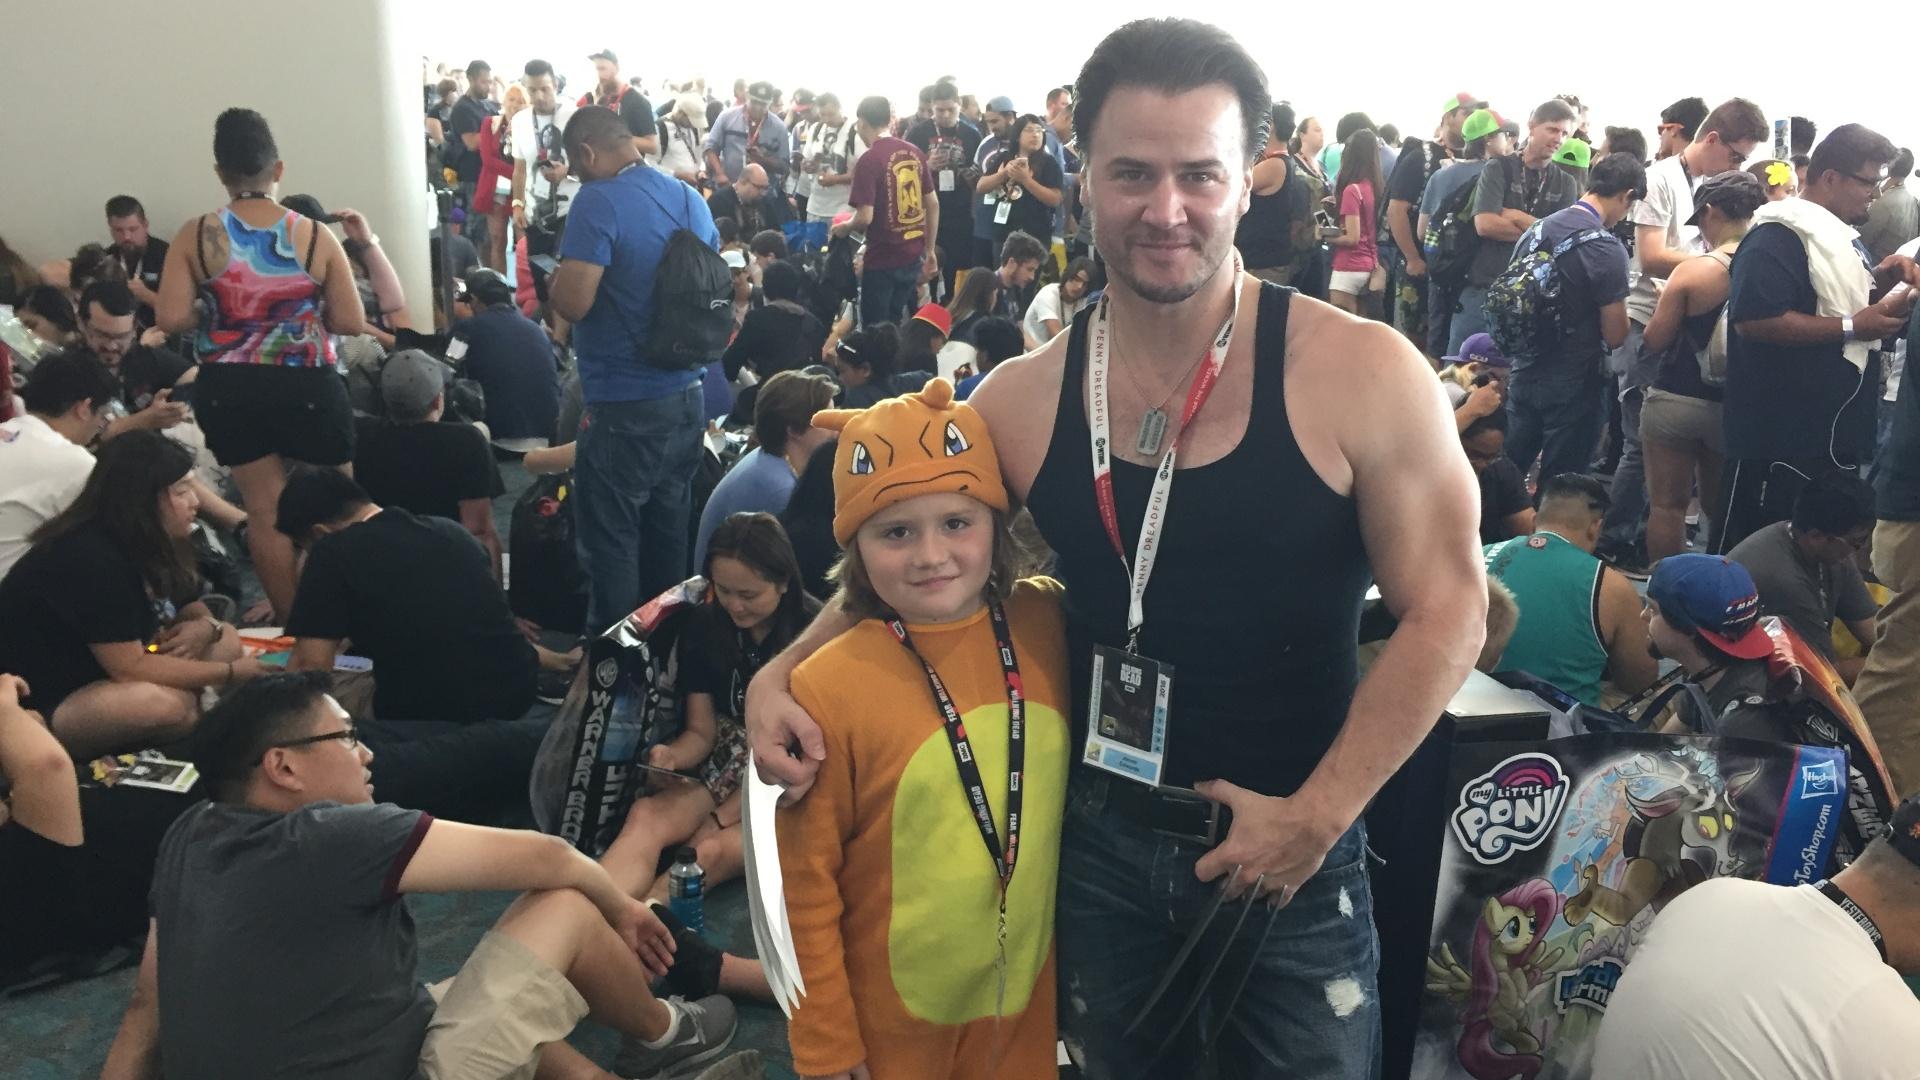 Vestido como Wolverine, James Edwards, 40, acompanhado do filho Kadence Edwards, 8, de Pokémon, participam da San Diego Comic-Con